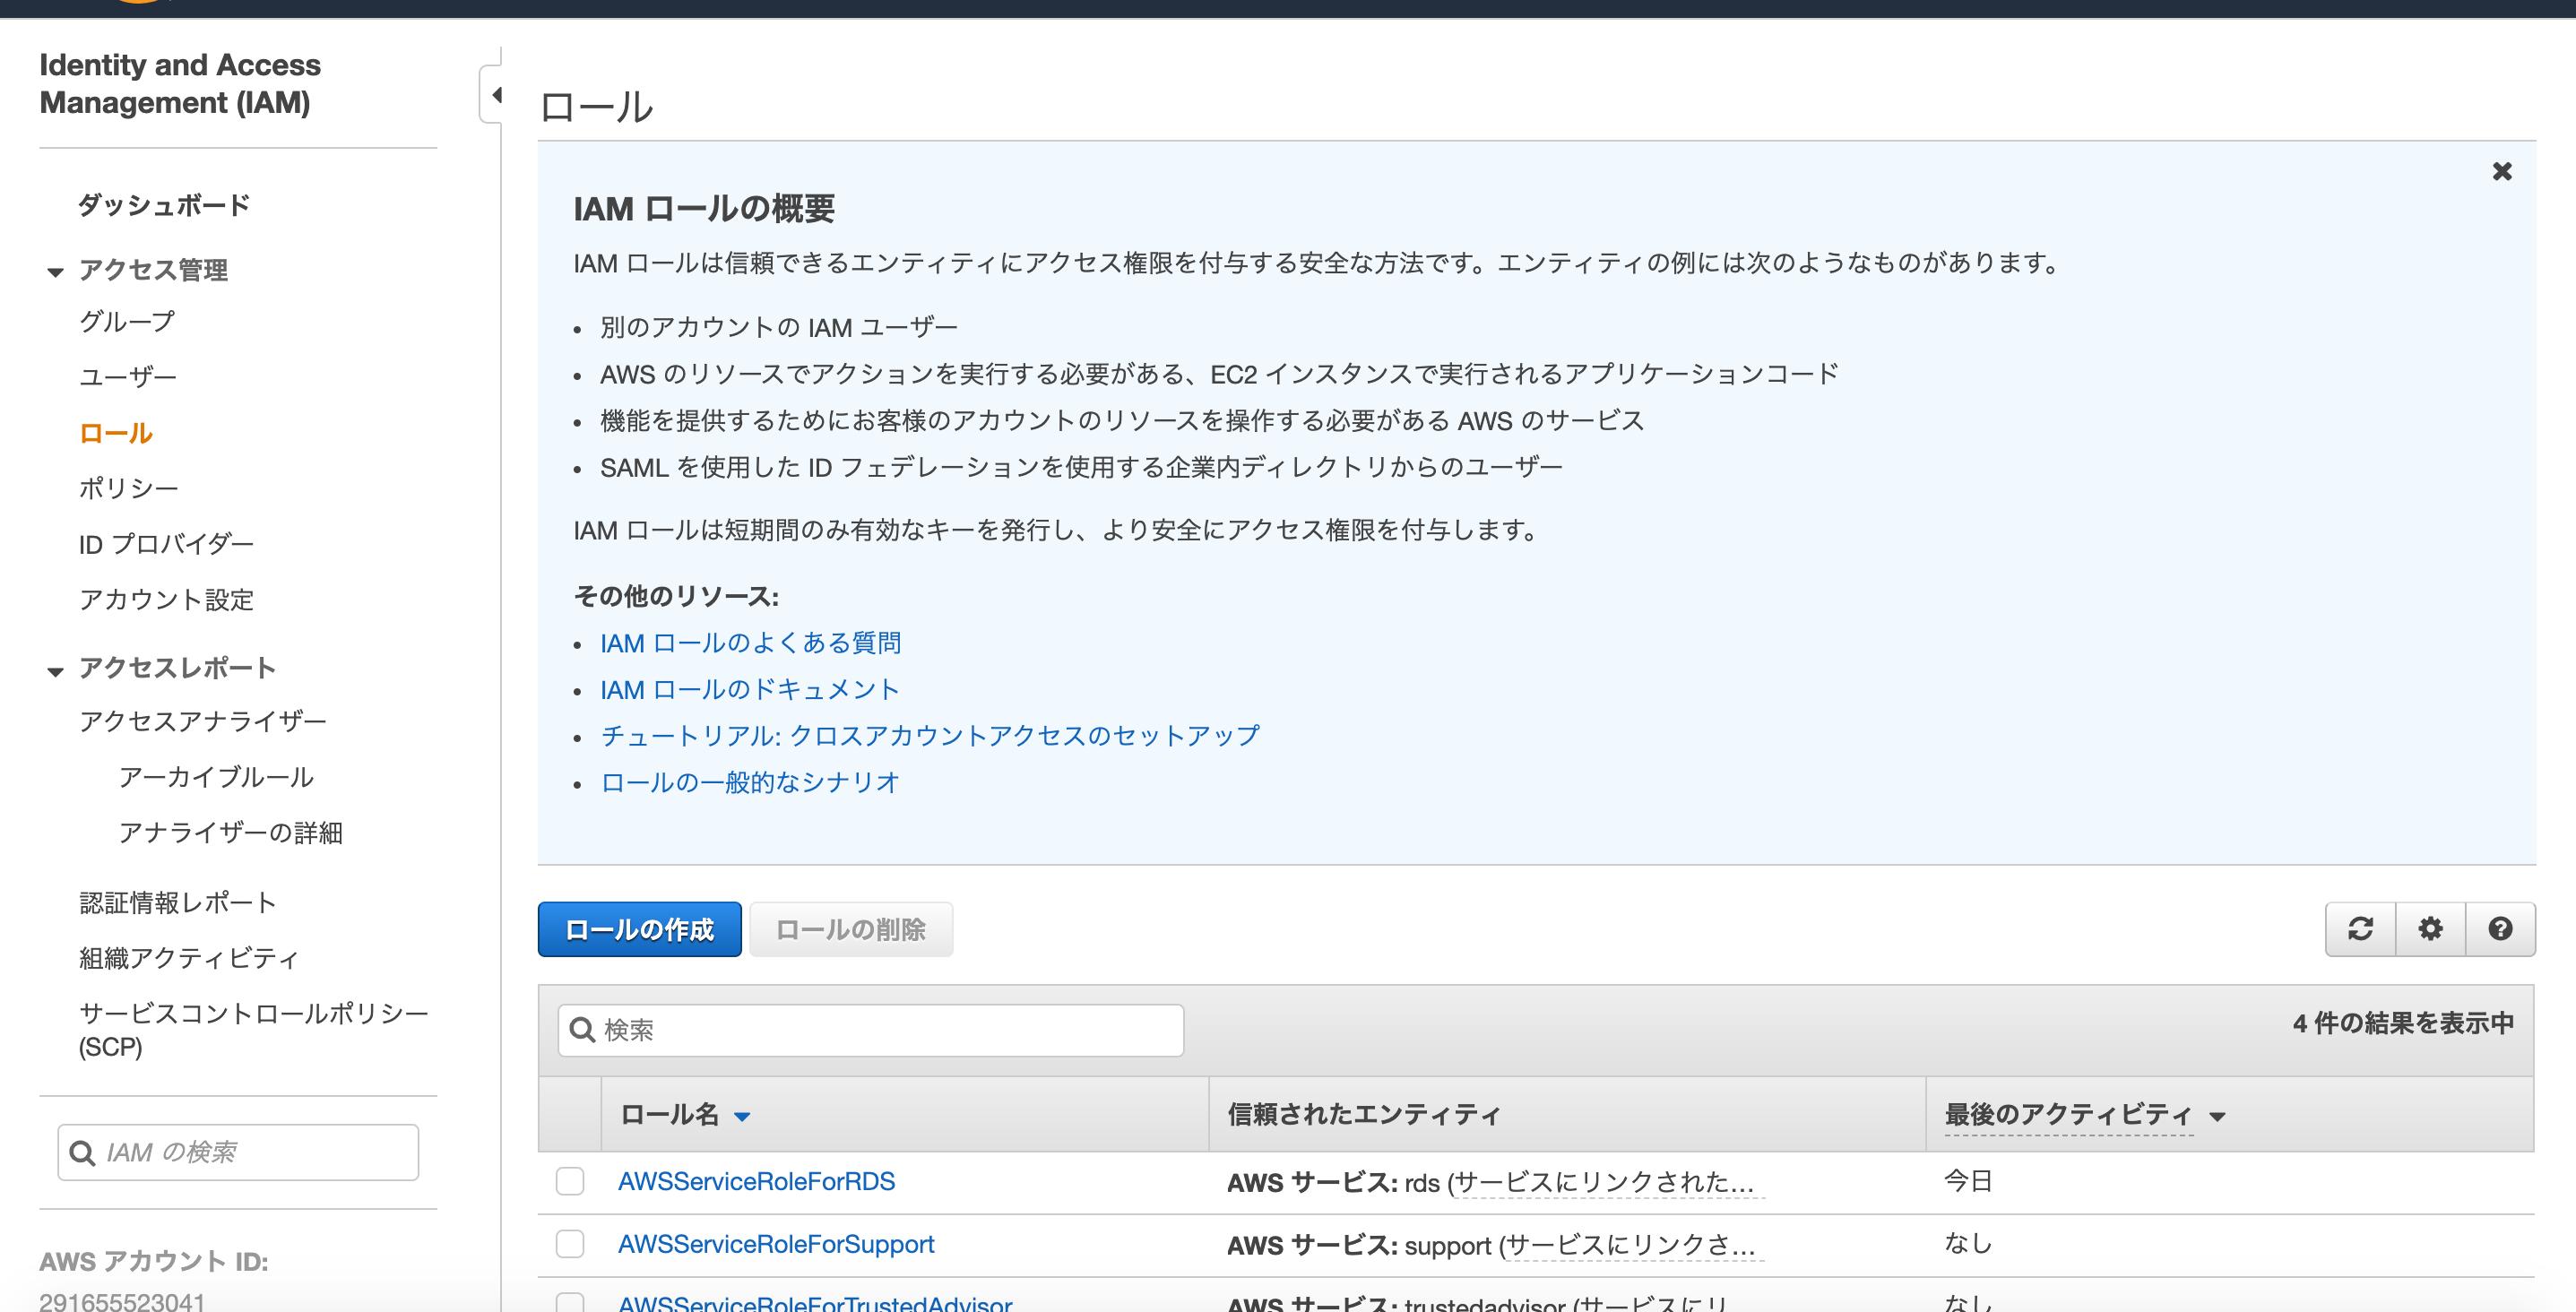 スクリーンショット 2020-02-23 20.32.12.png